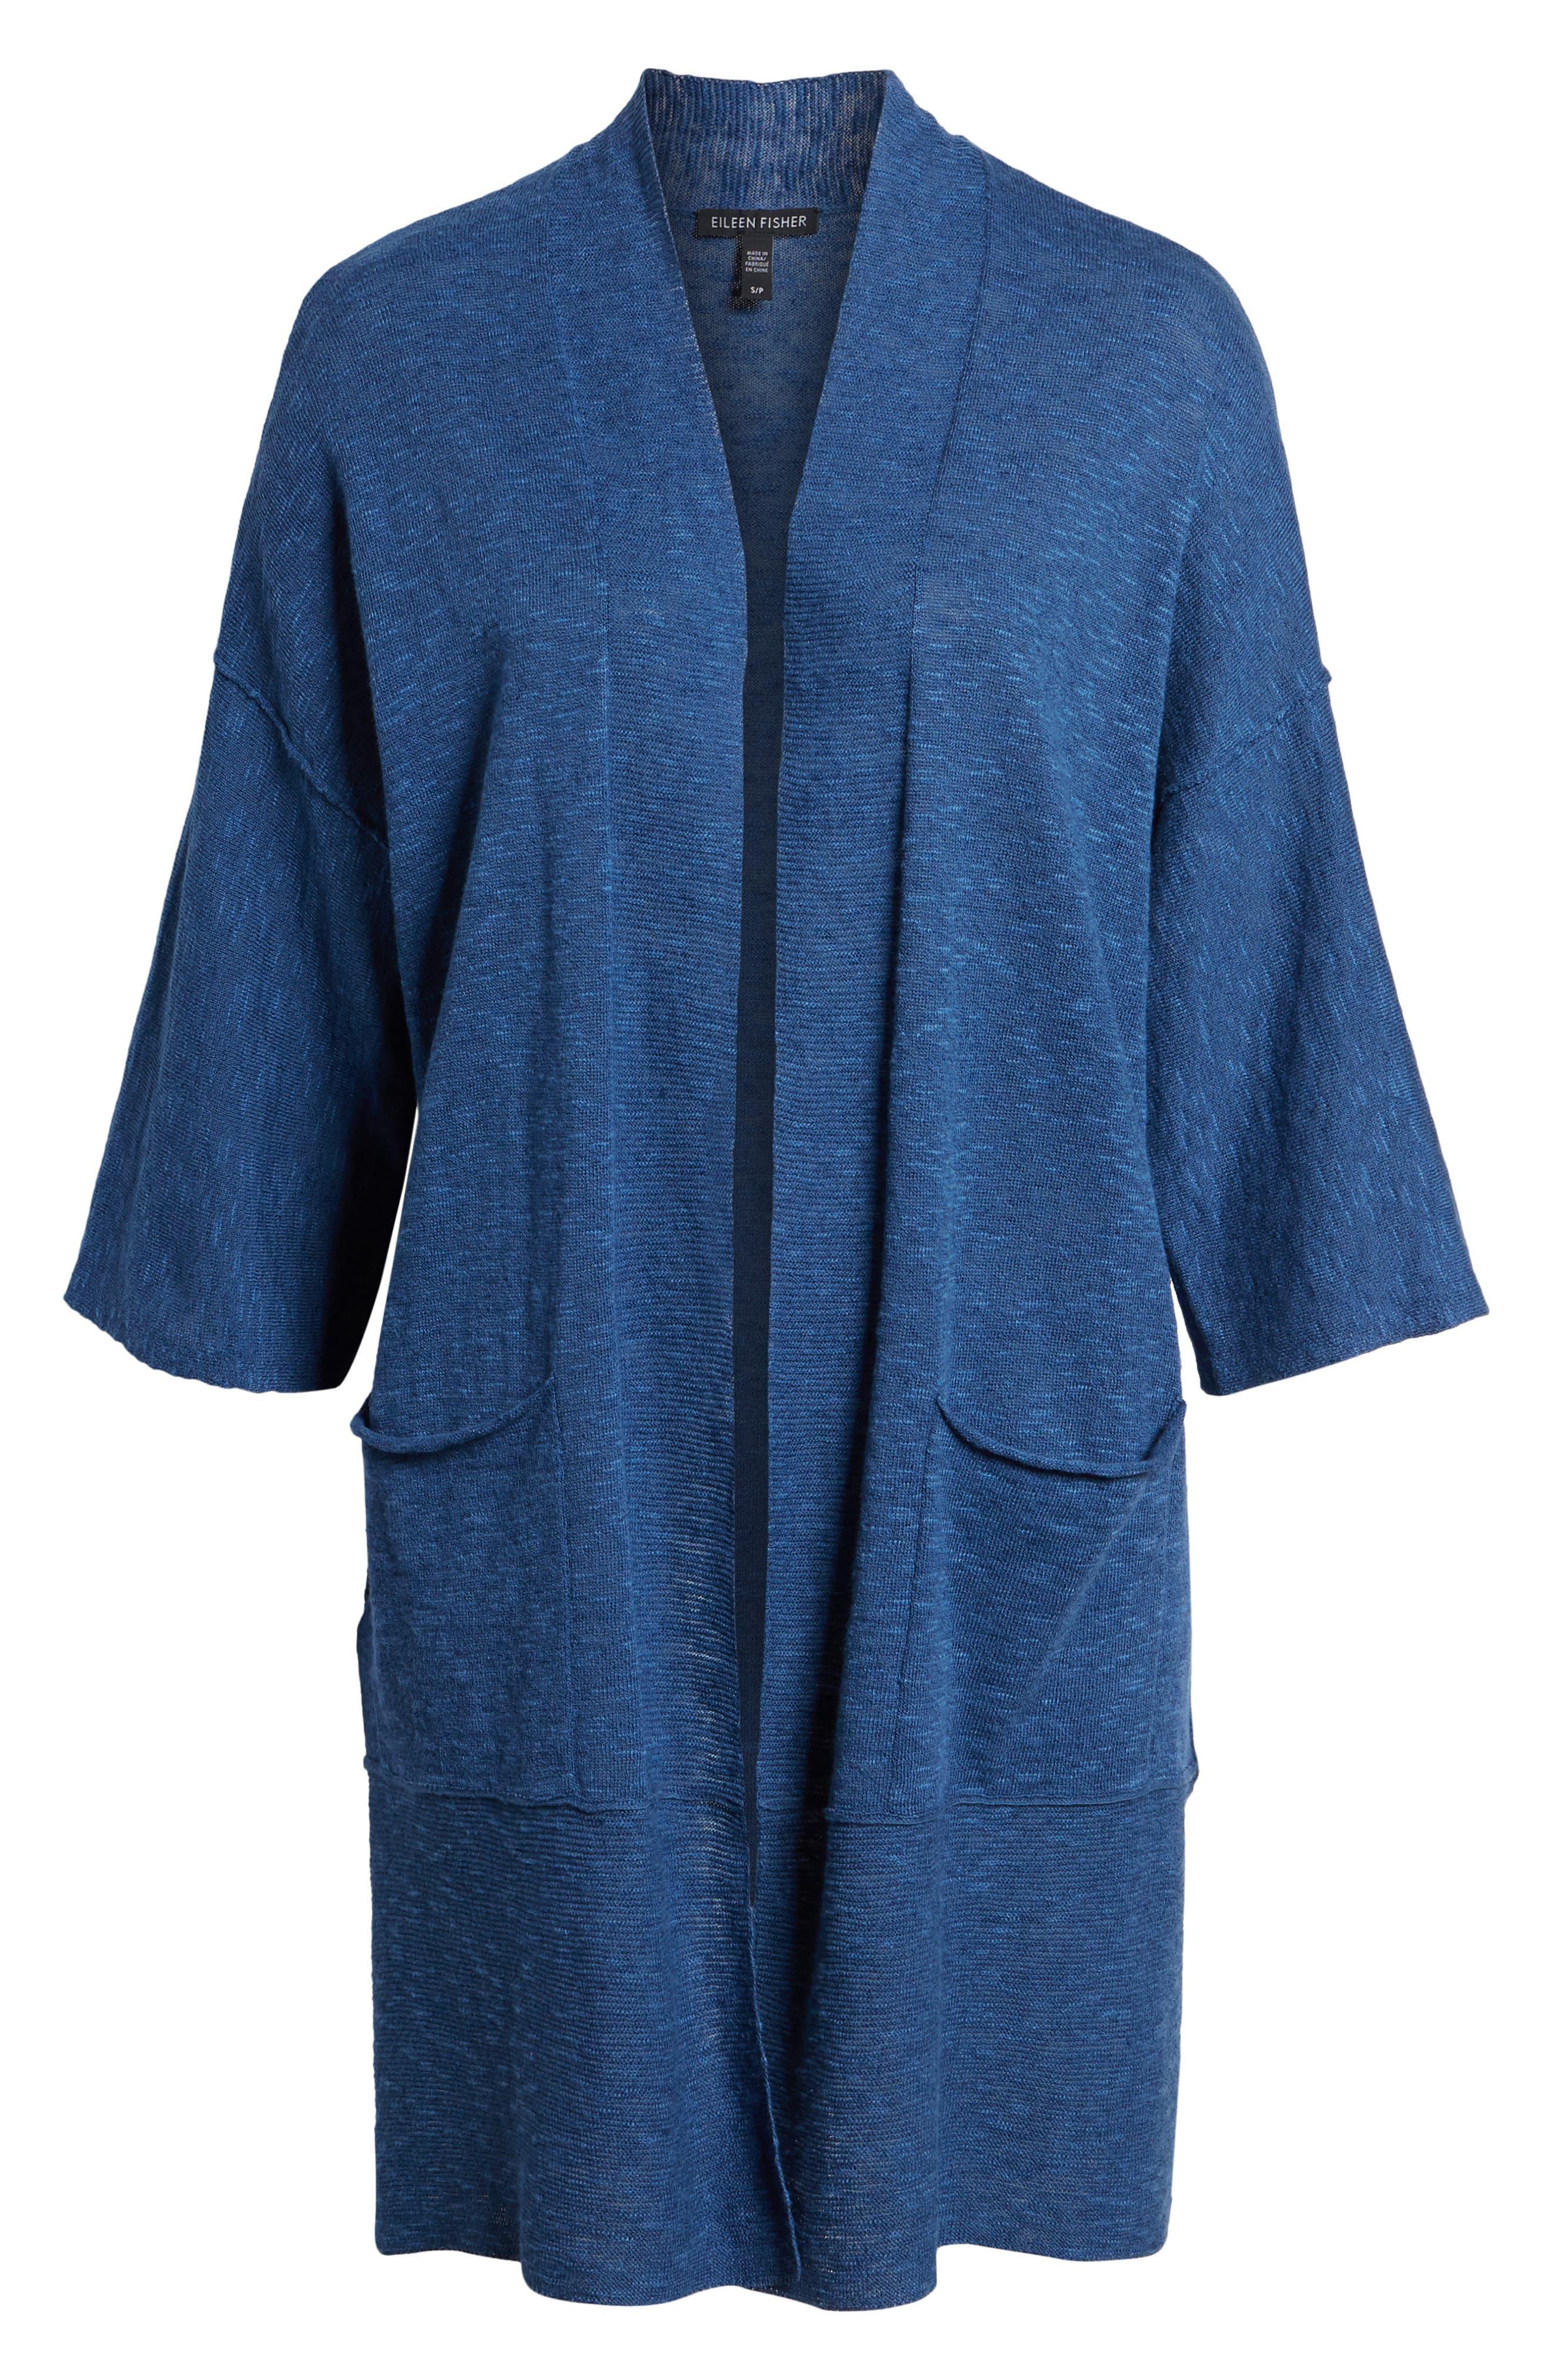 Organic Linen & Cotton Kimono Cardigan,                             Alternate thumbnail 7, color,                             Denim